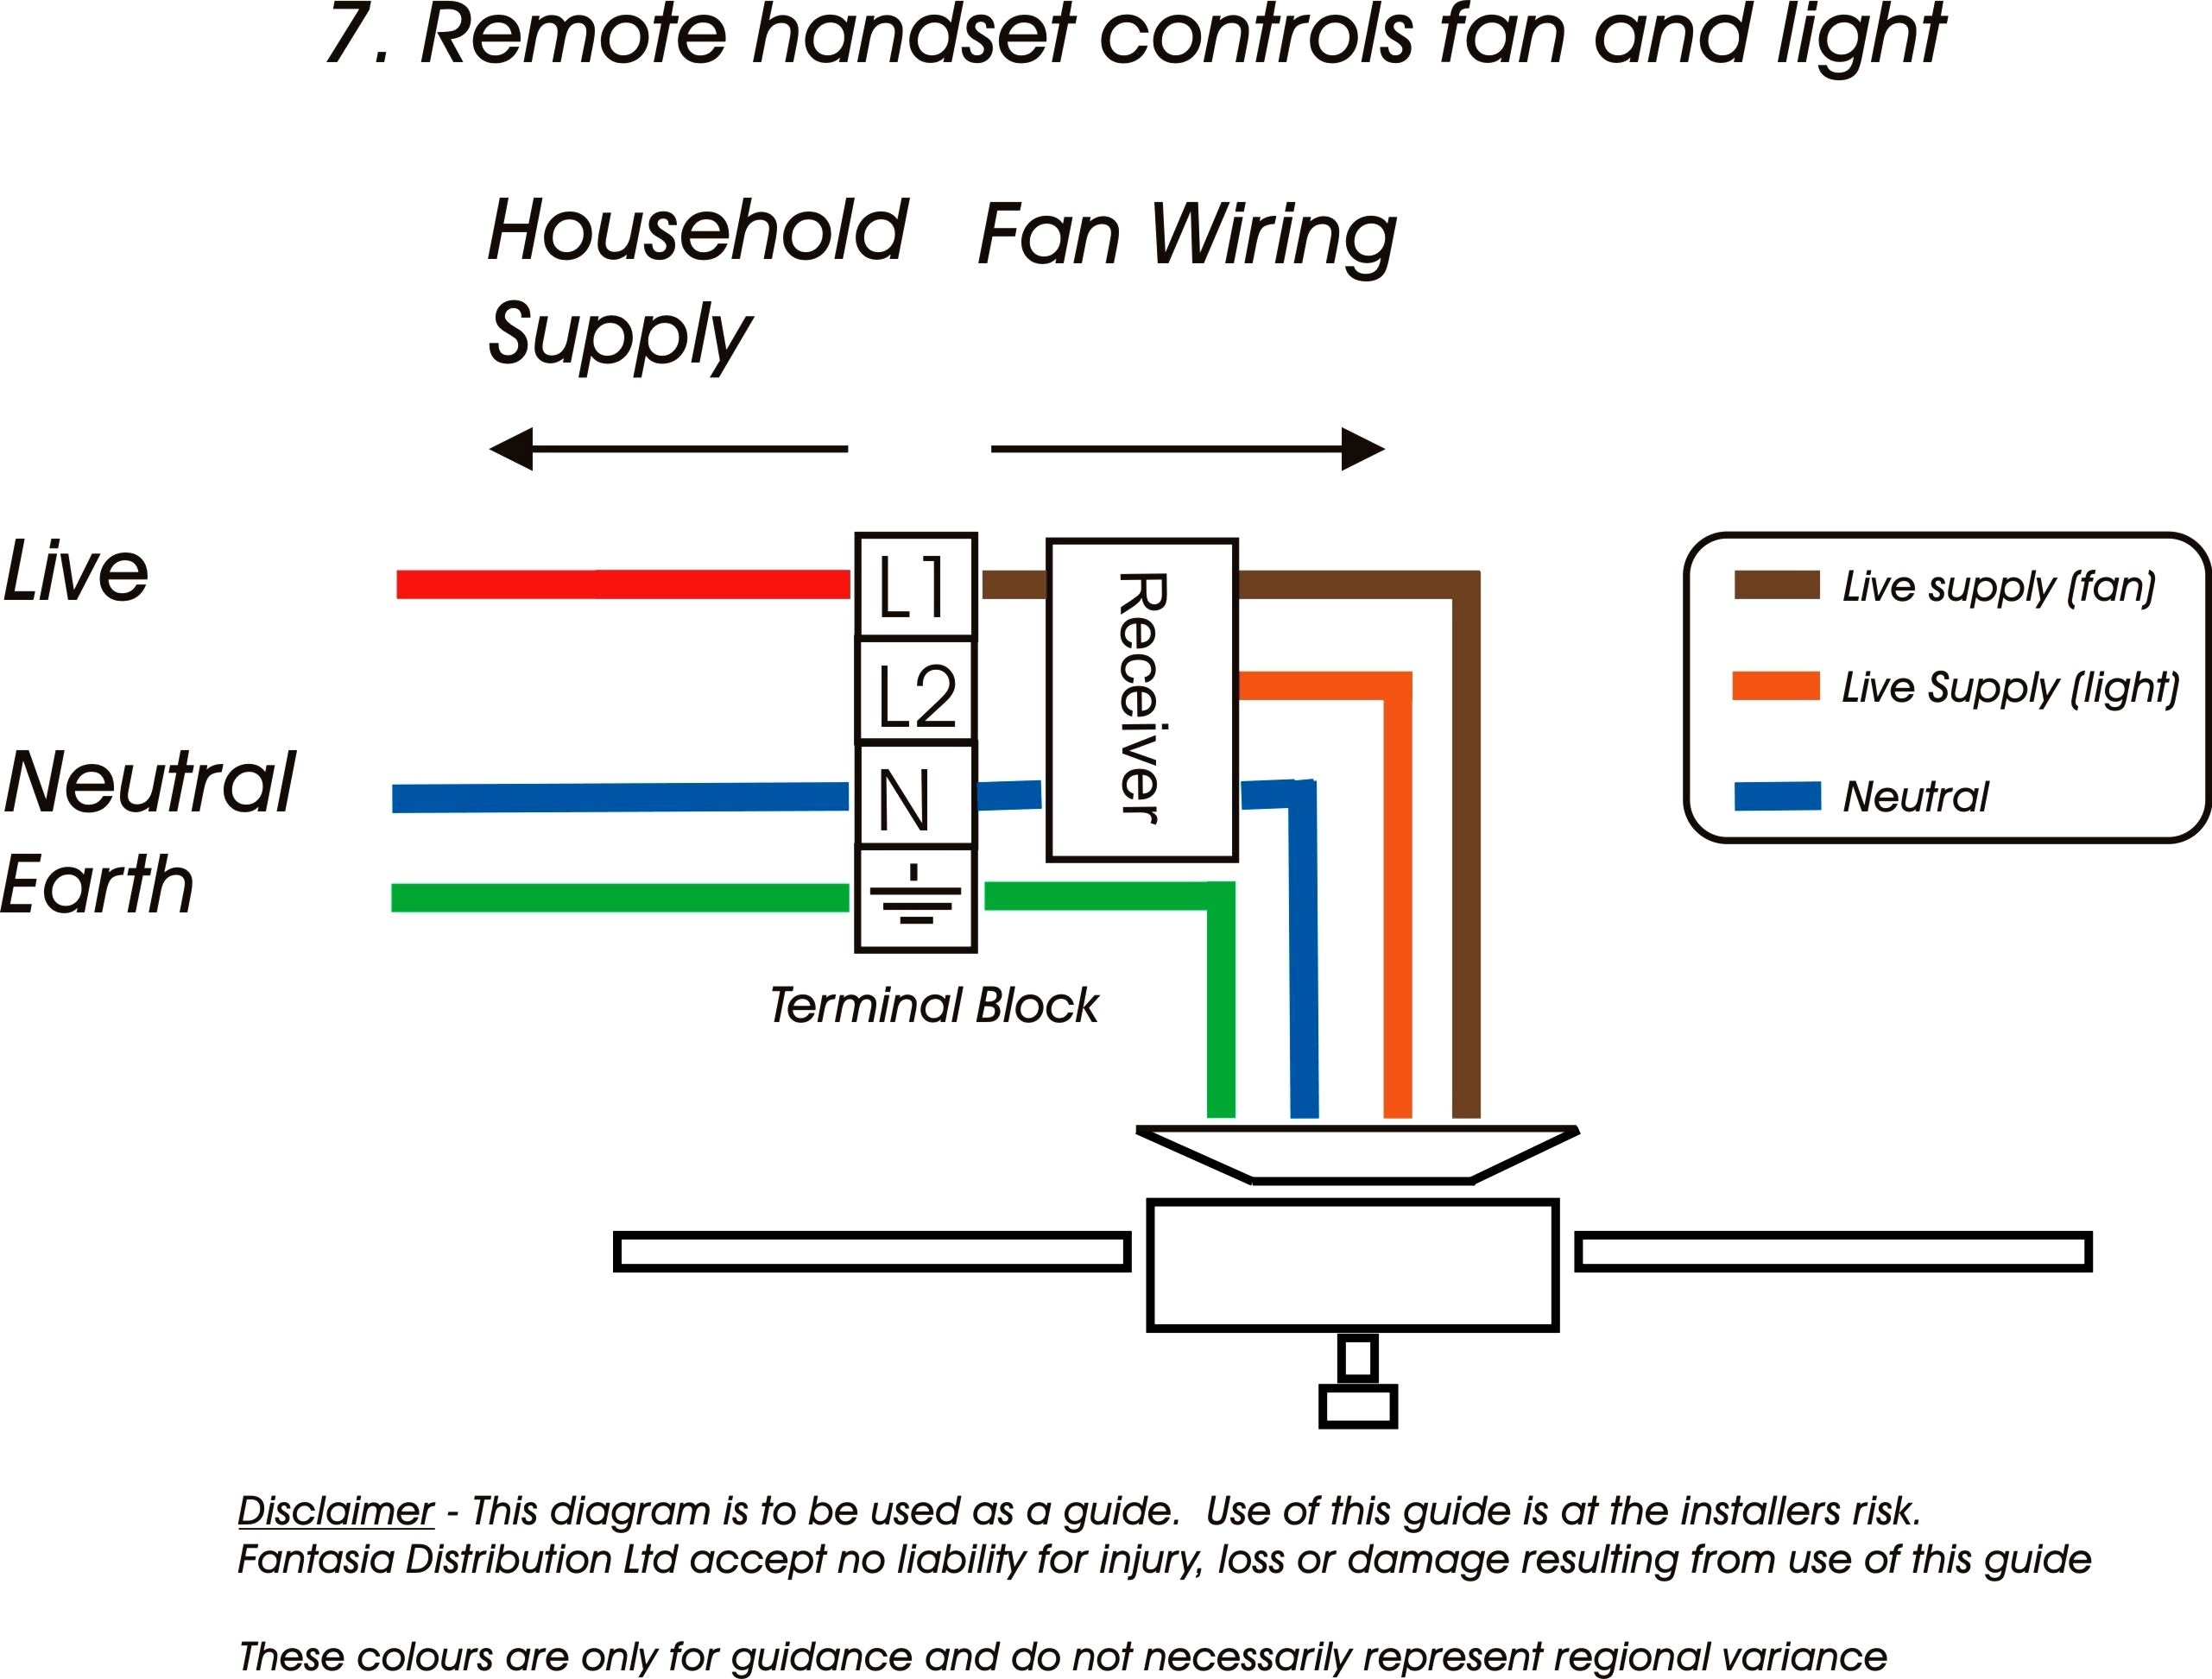 3 Speed Fan Switch Wiring Diagram Hunterng Fan Pull Switch Wiring Diagram Hampton Bay Speed Chain Of 3 Speed Fan Switch Wiring Diagram